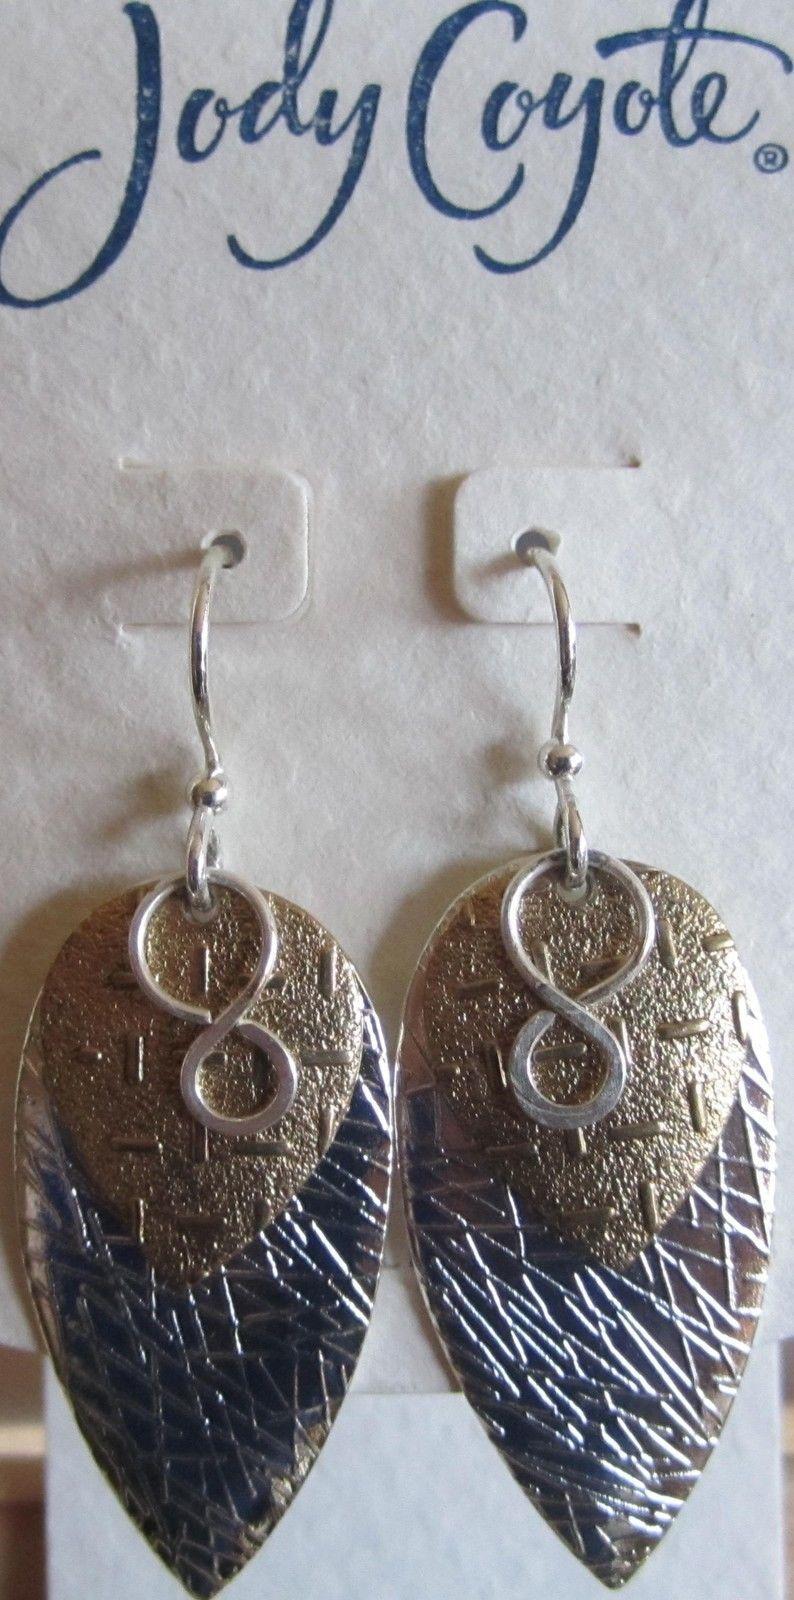 Jody Coyote Earrings Jc0296 Hypoallergenic Green Gold